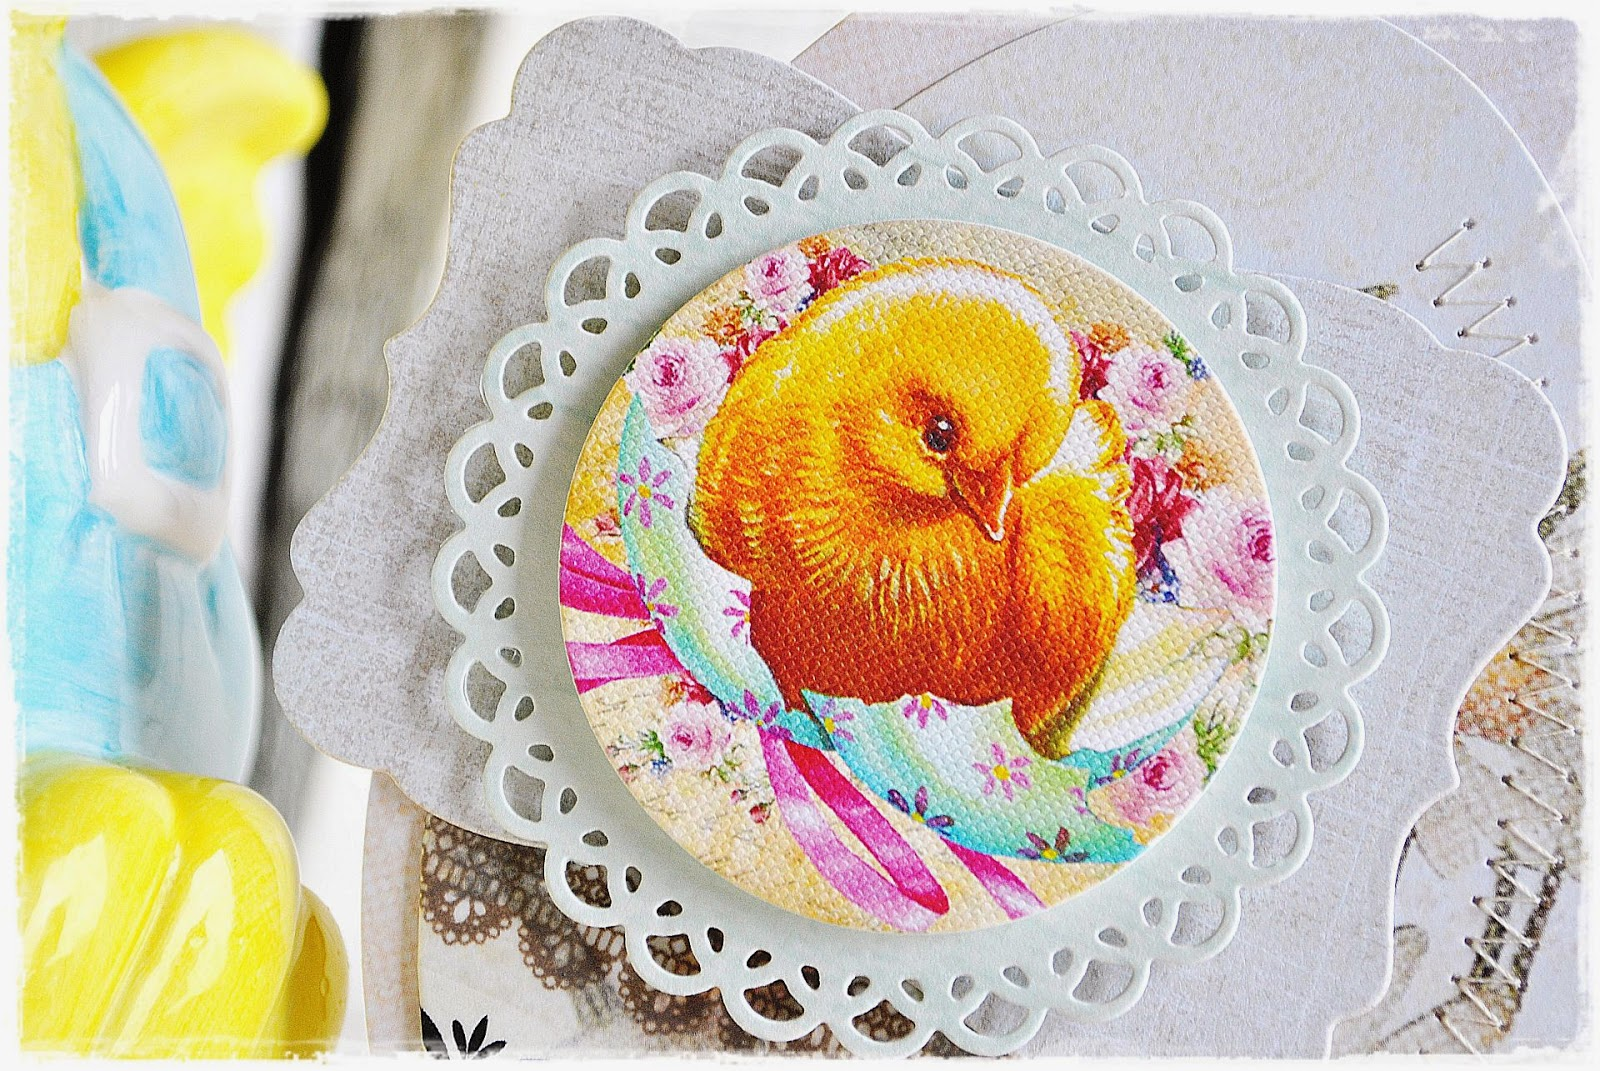 kartka wielkanocna w kształcie jajka - scrapbooking